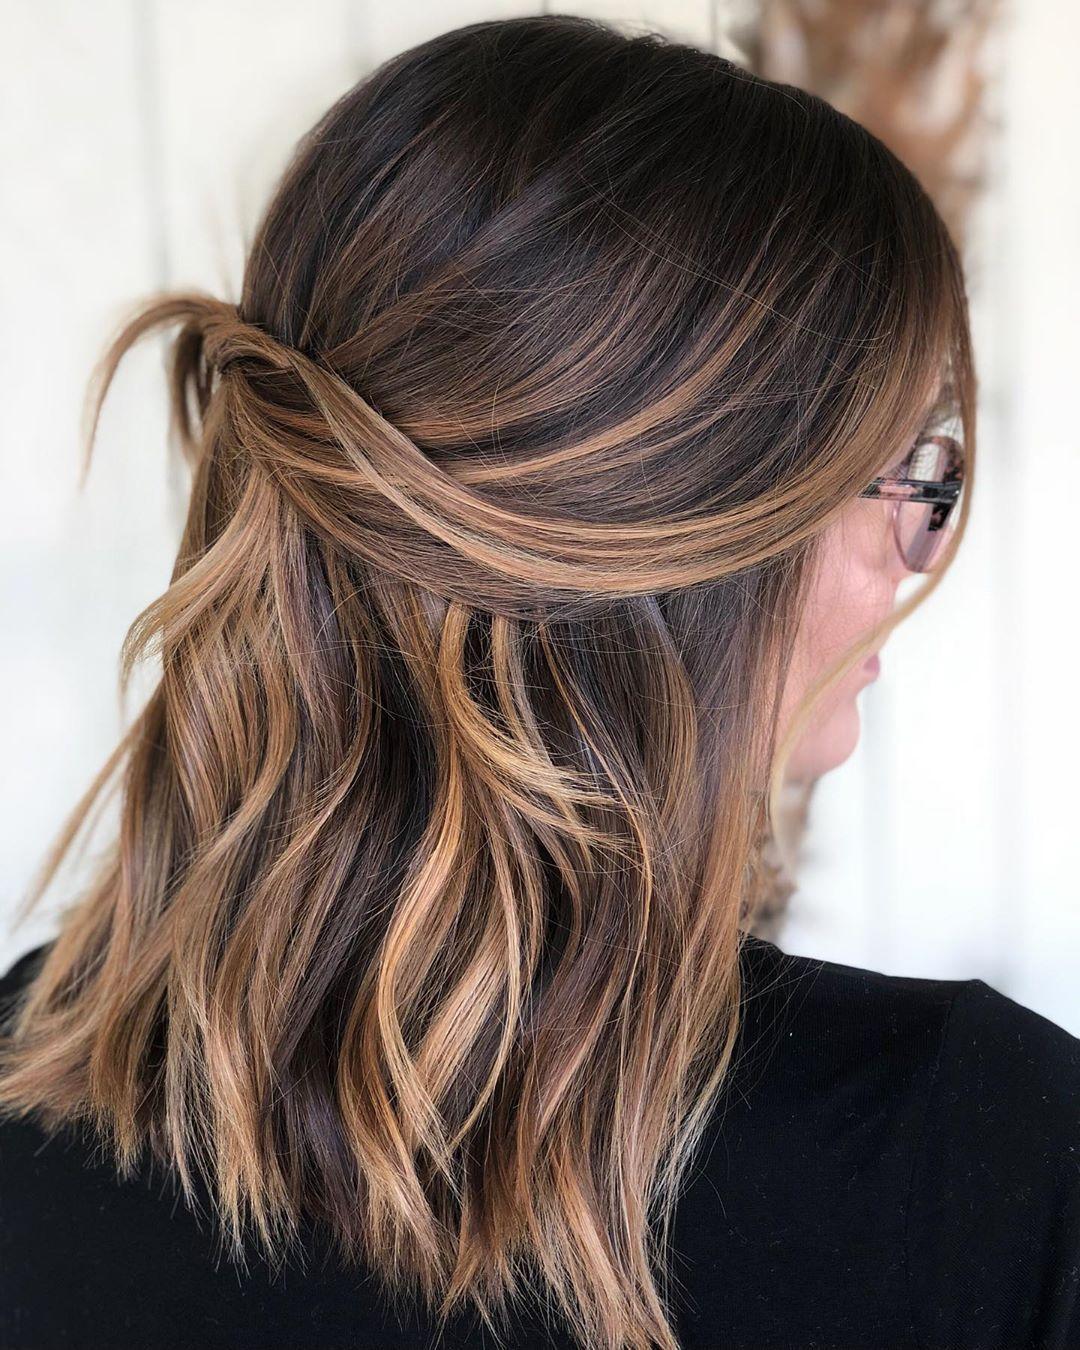 hair color ideas for brunettes #color #ideas #brunettes #caramel hair color ide…